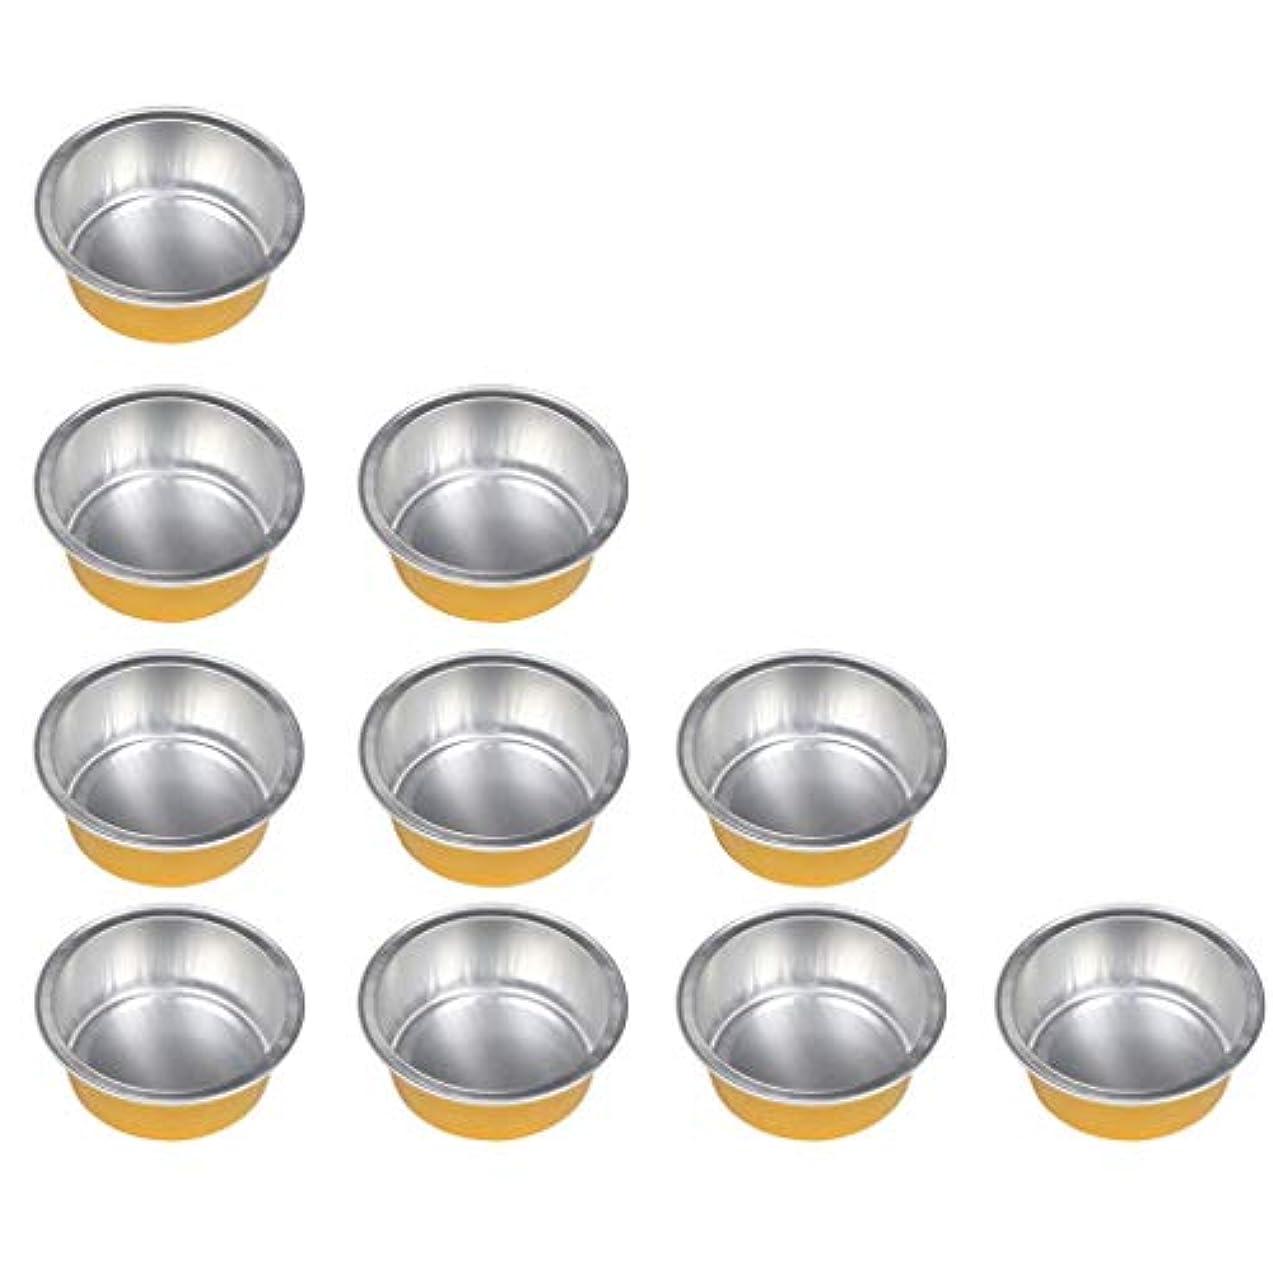 乱闘外向き直立10個 ワックスボウル ミニボウル アルミホイルボウル ワックス豆体 溶融 衛生的 2種選ぶ - ゴールデン1, 01